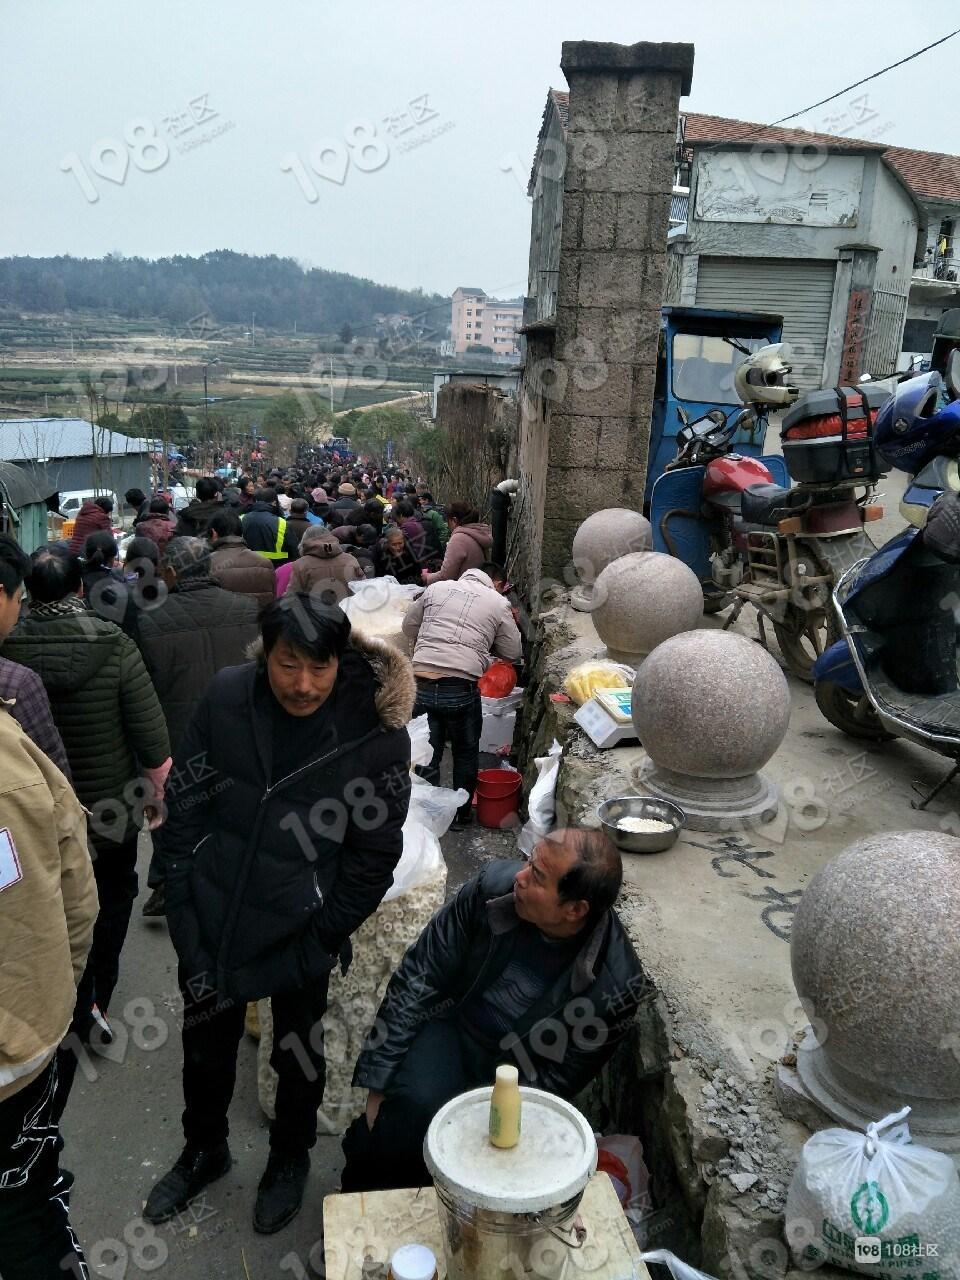 回山赶集人挤人!村民挤一起买年货,比城里便宜多了